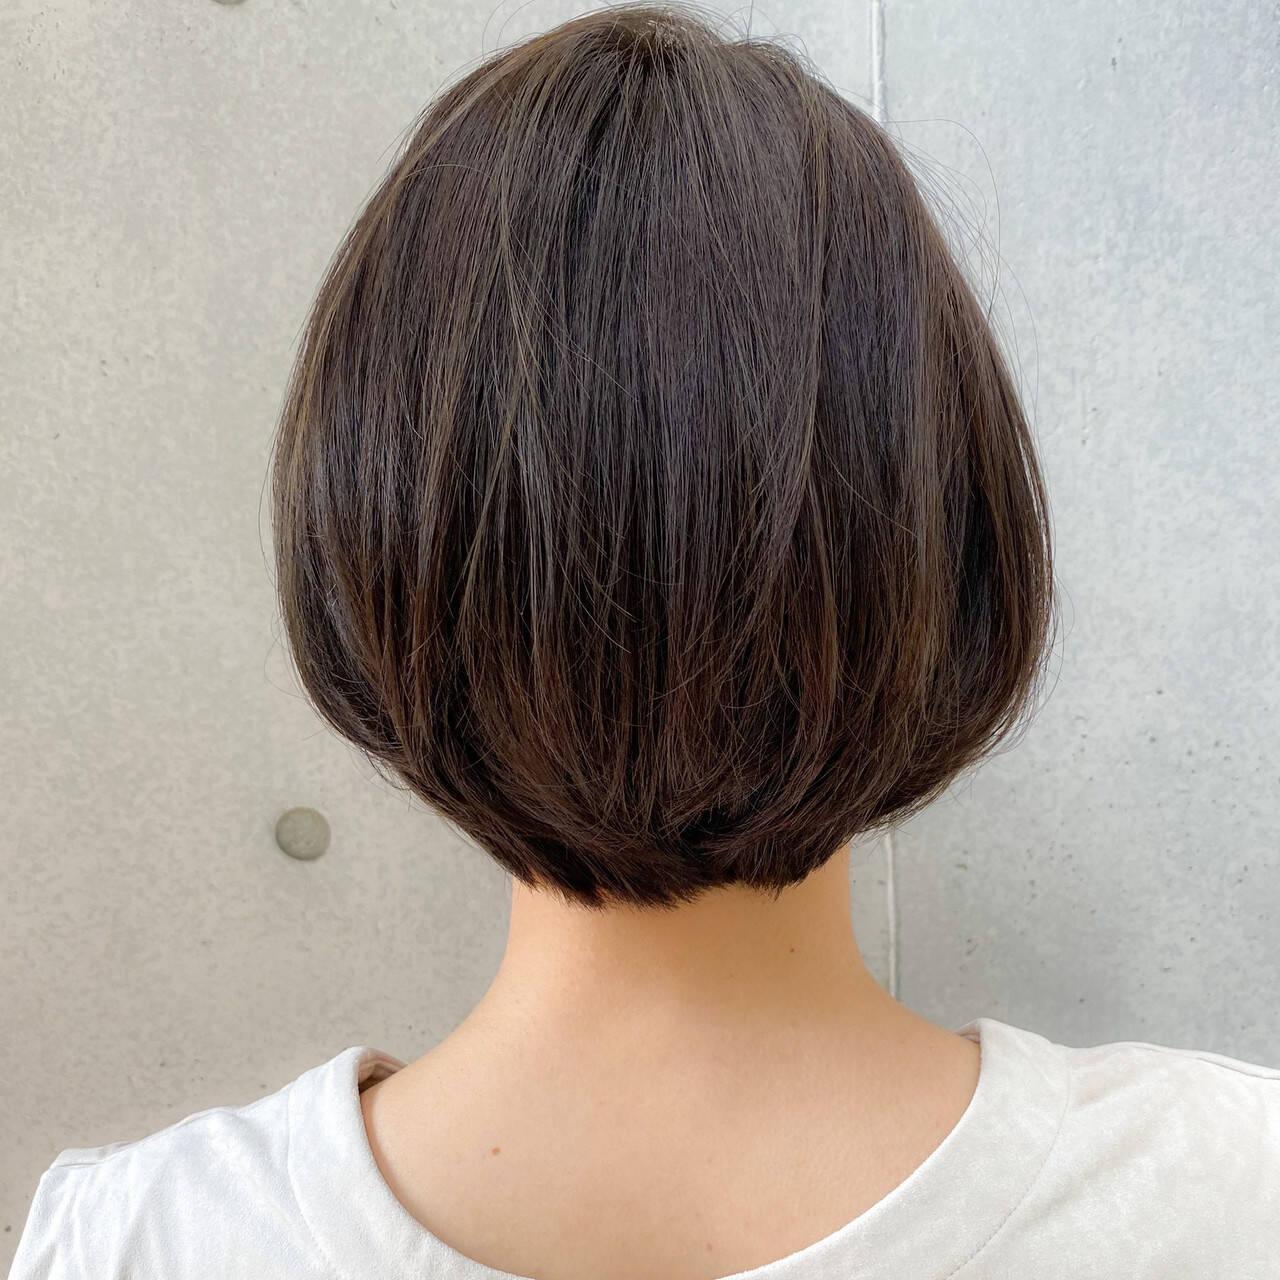 簡単スタイリング ハンサムショート ボブ ナチュラルヘアスタイルや髪型の写真・画像